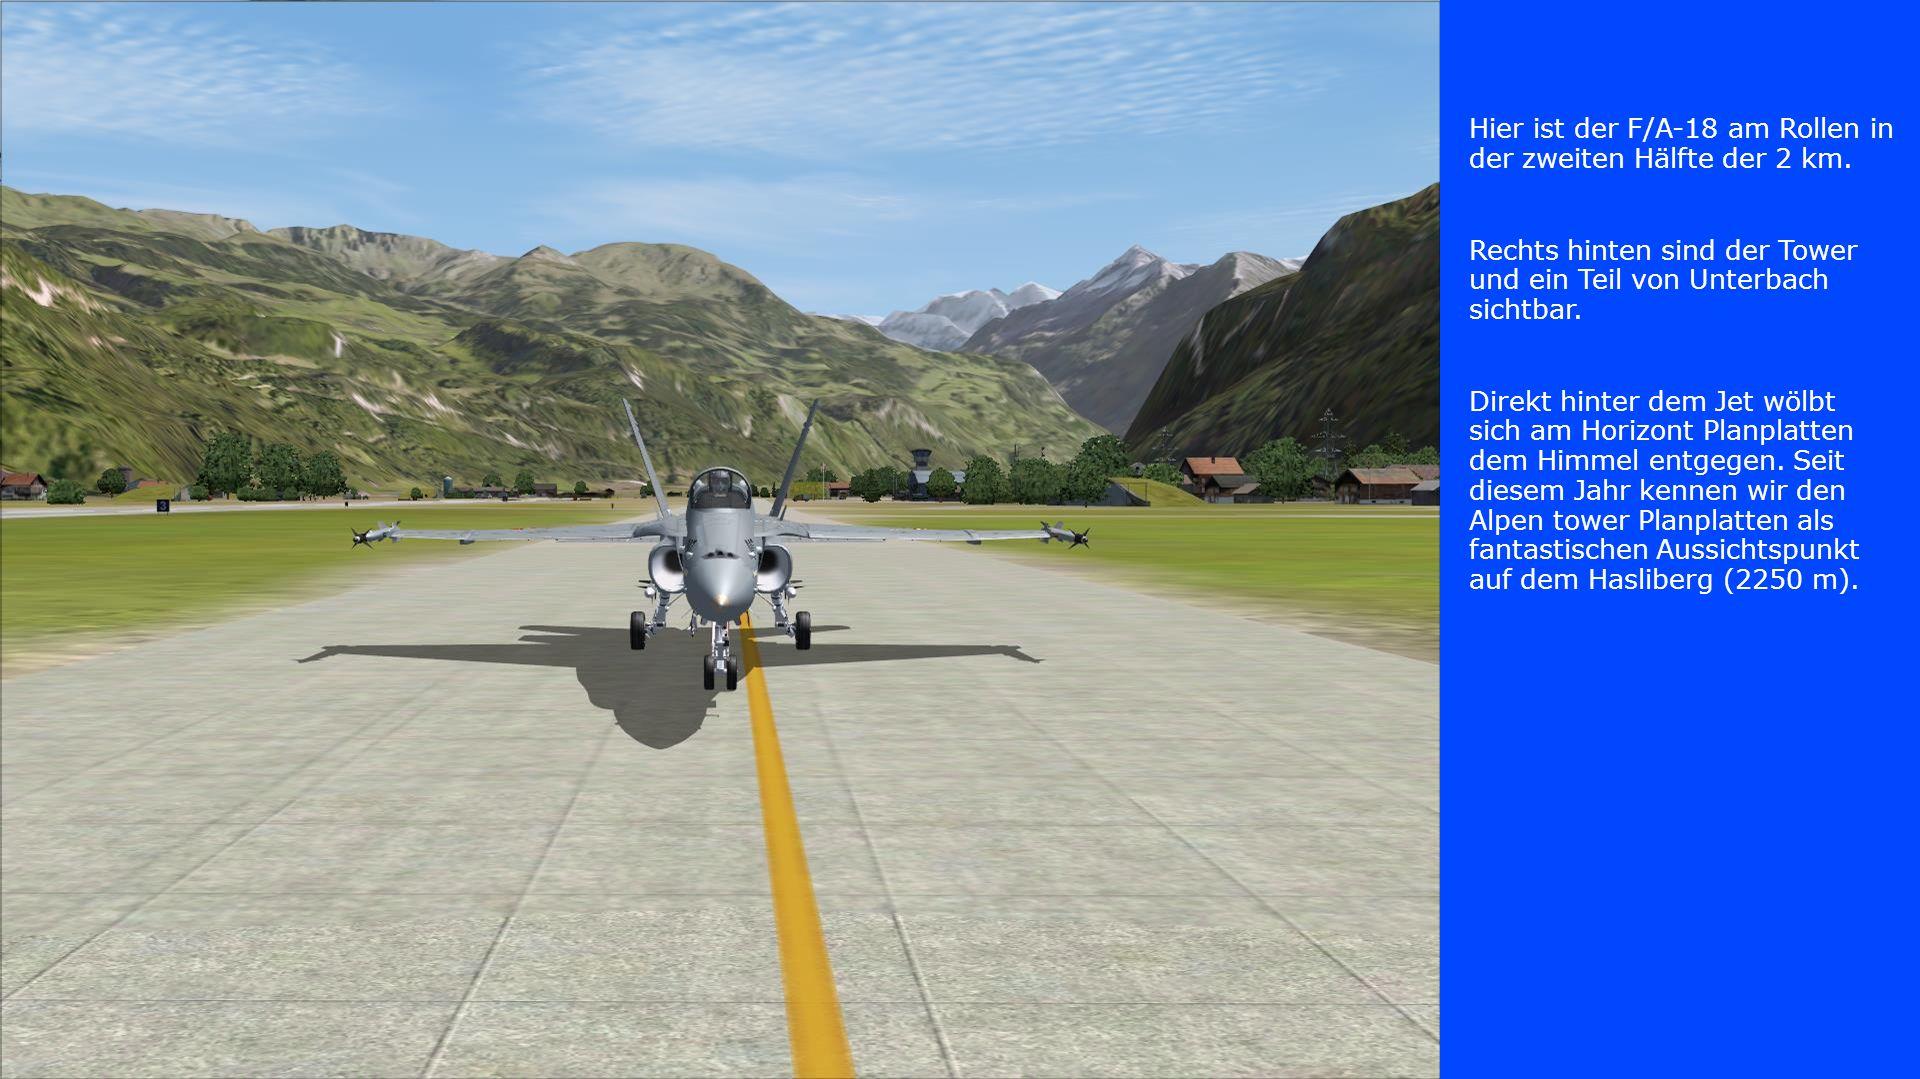 Hier ist der F/A-18 am Rollen in der zweiten Hälfte der 2 km.